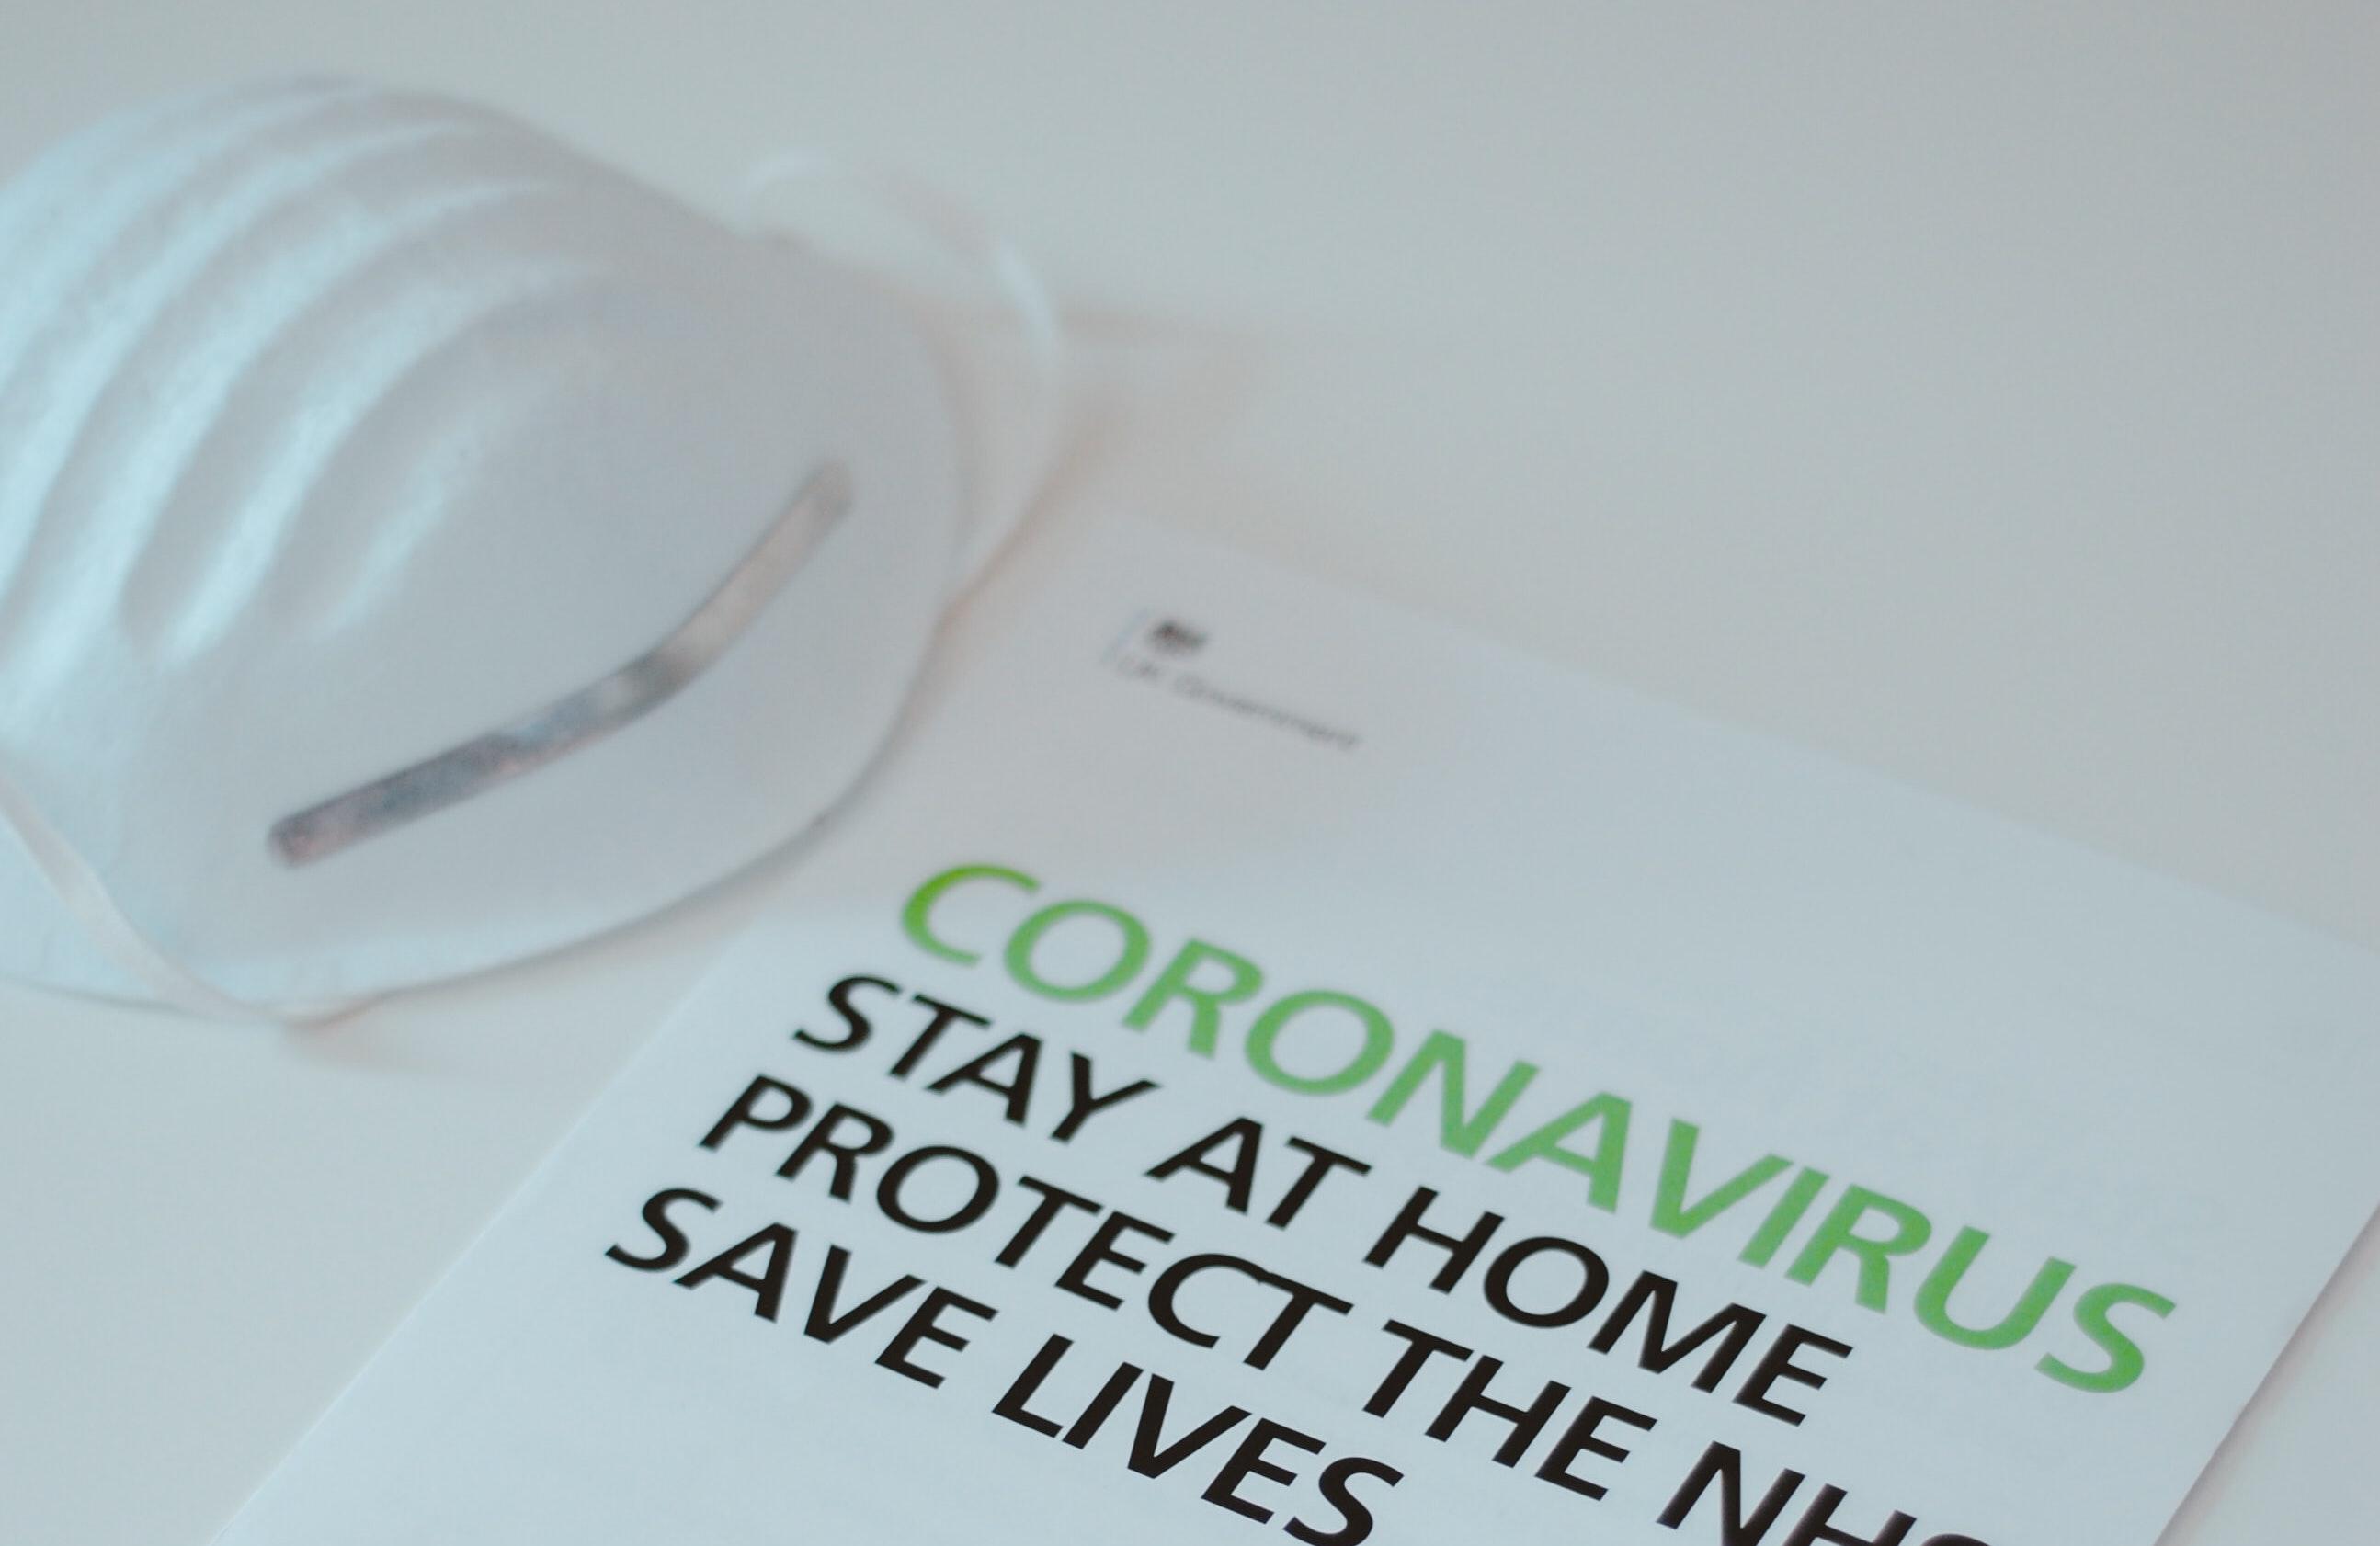 【重要】コロナウイルス感染拡大防止に伴う縮小営業のお知らせ